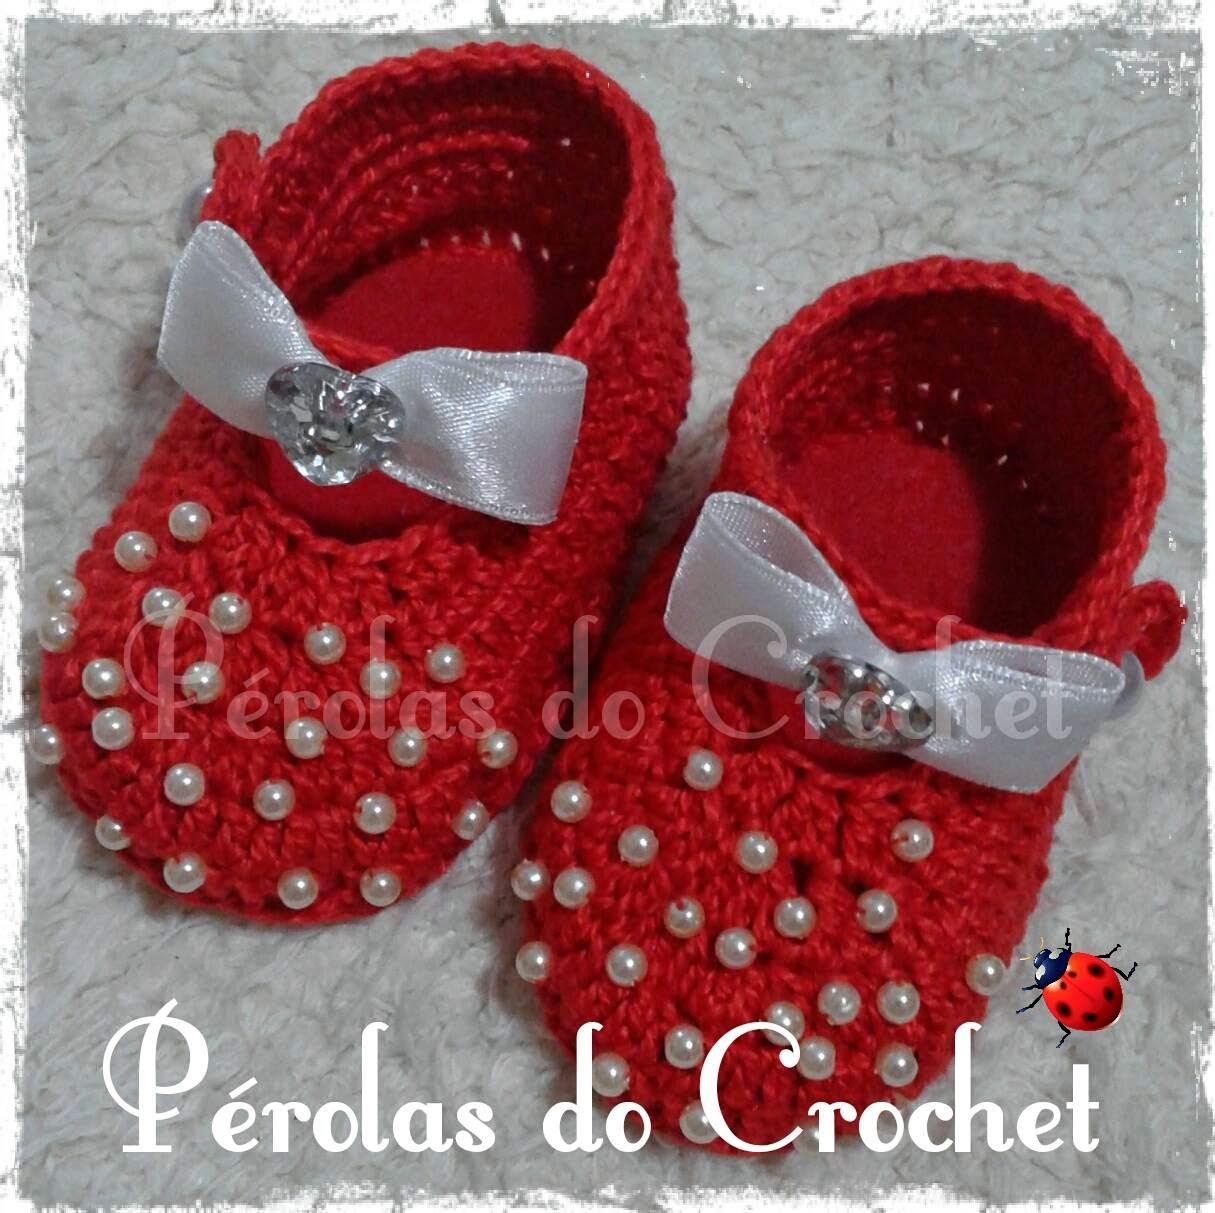 p rolas do crochet sapatinho em crochet modelo po vermelho